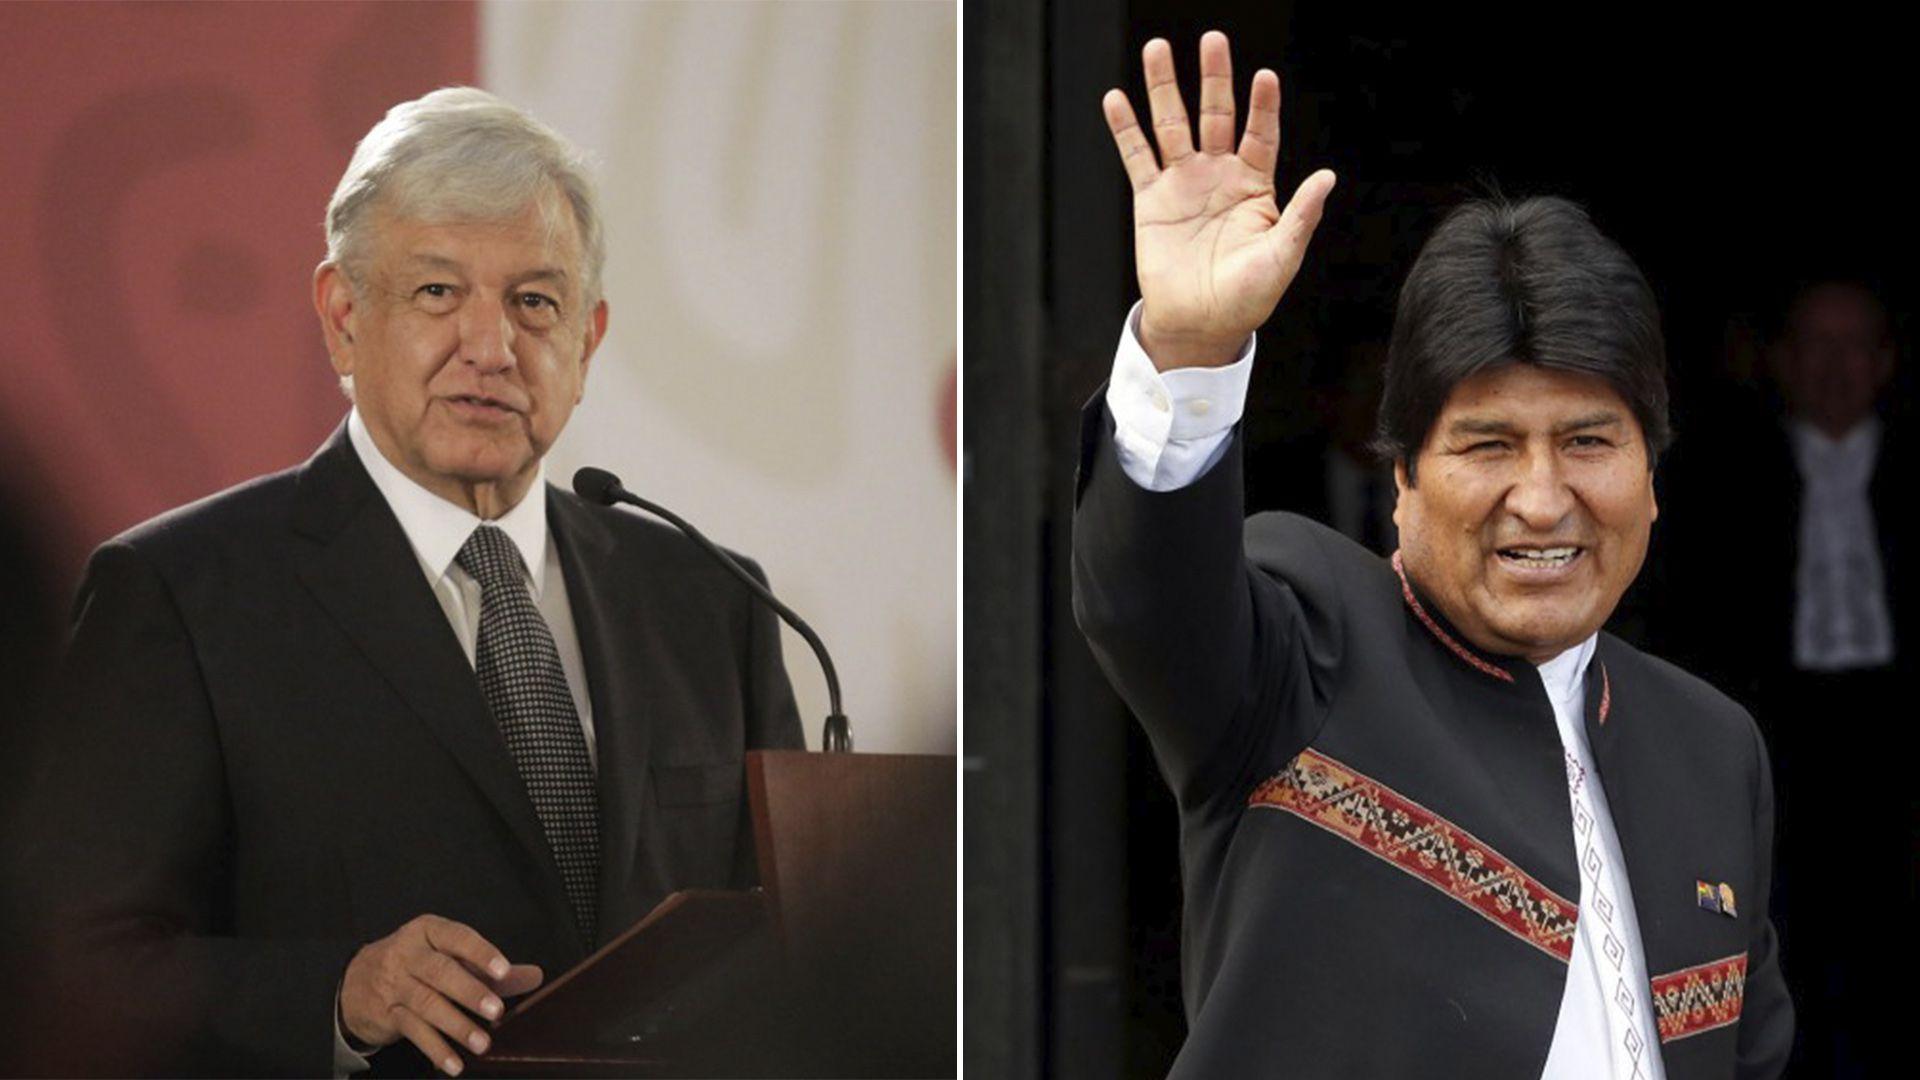 El presidente mexicano Andrés Manuel López Obrador y su par boliviano Evo Morales